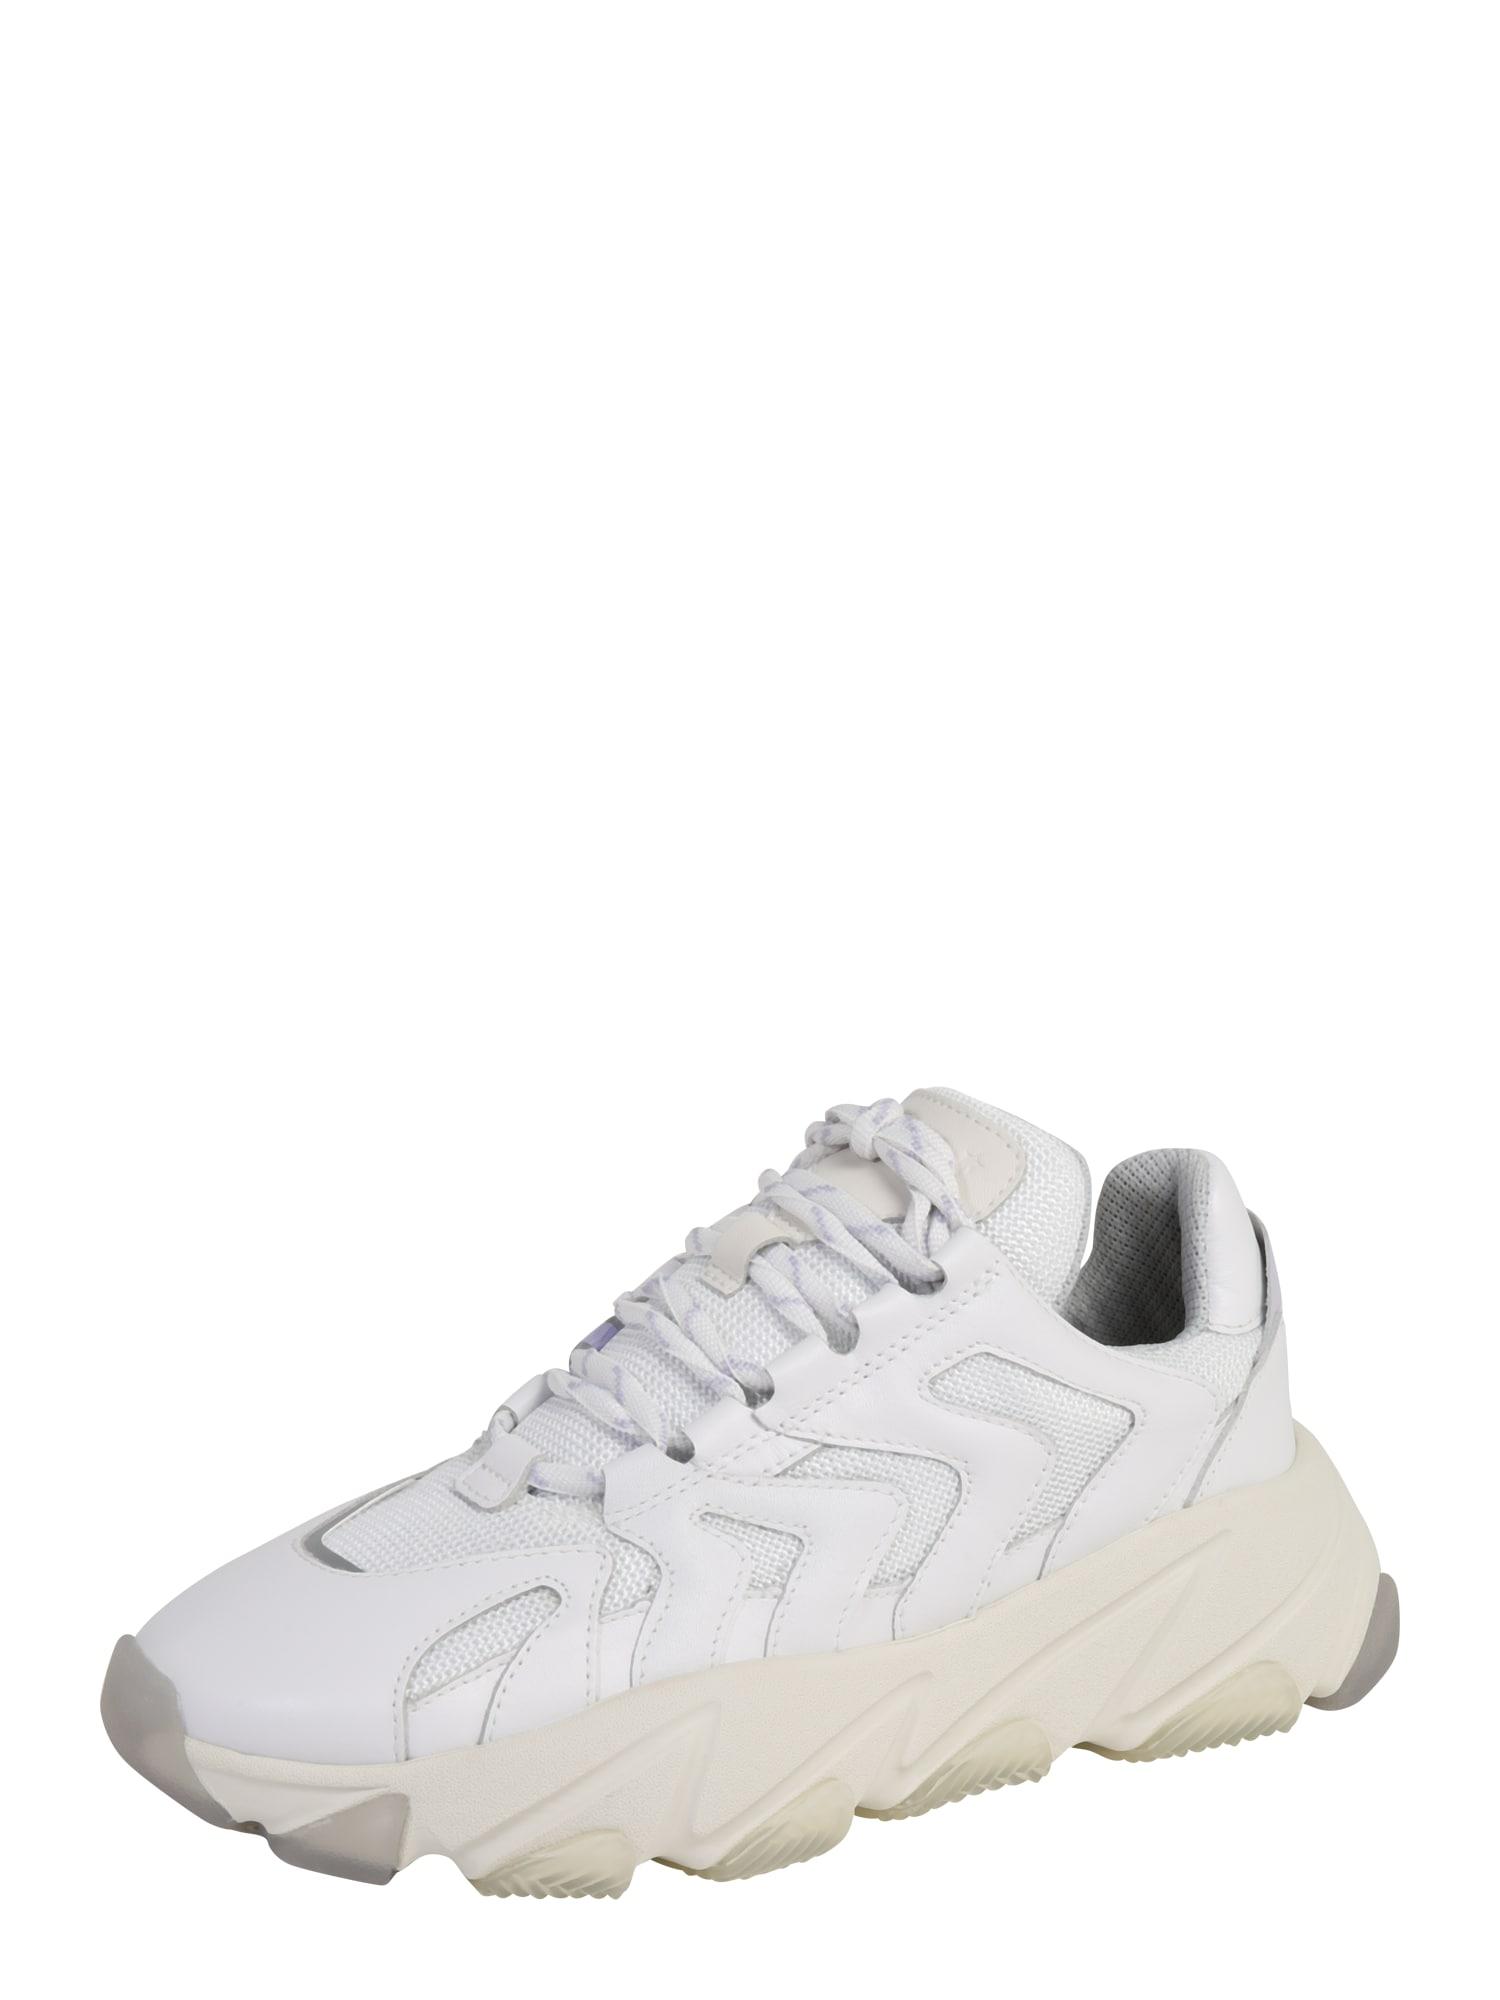 Tenisky EXTREME fialová bílá ASH